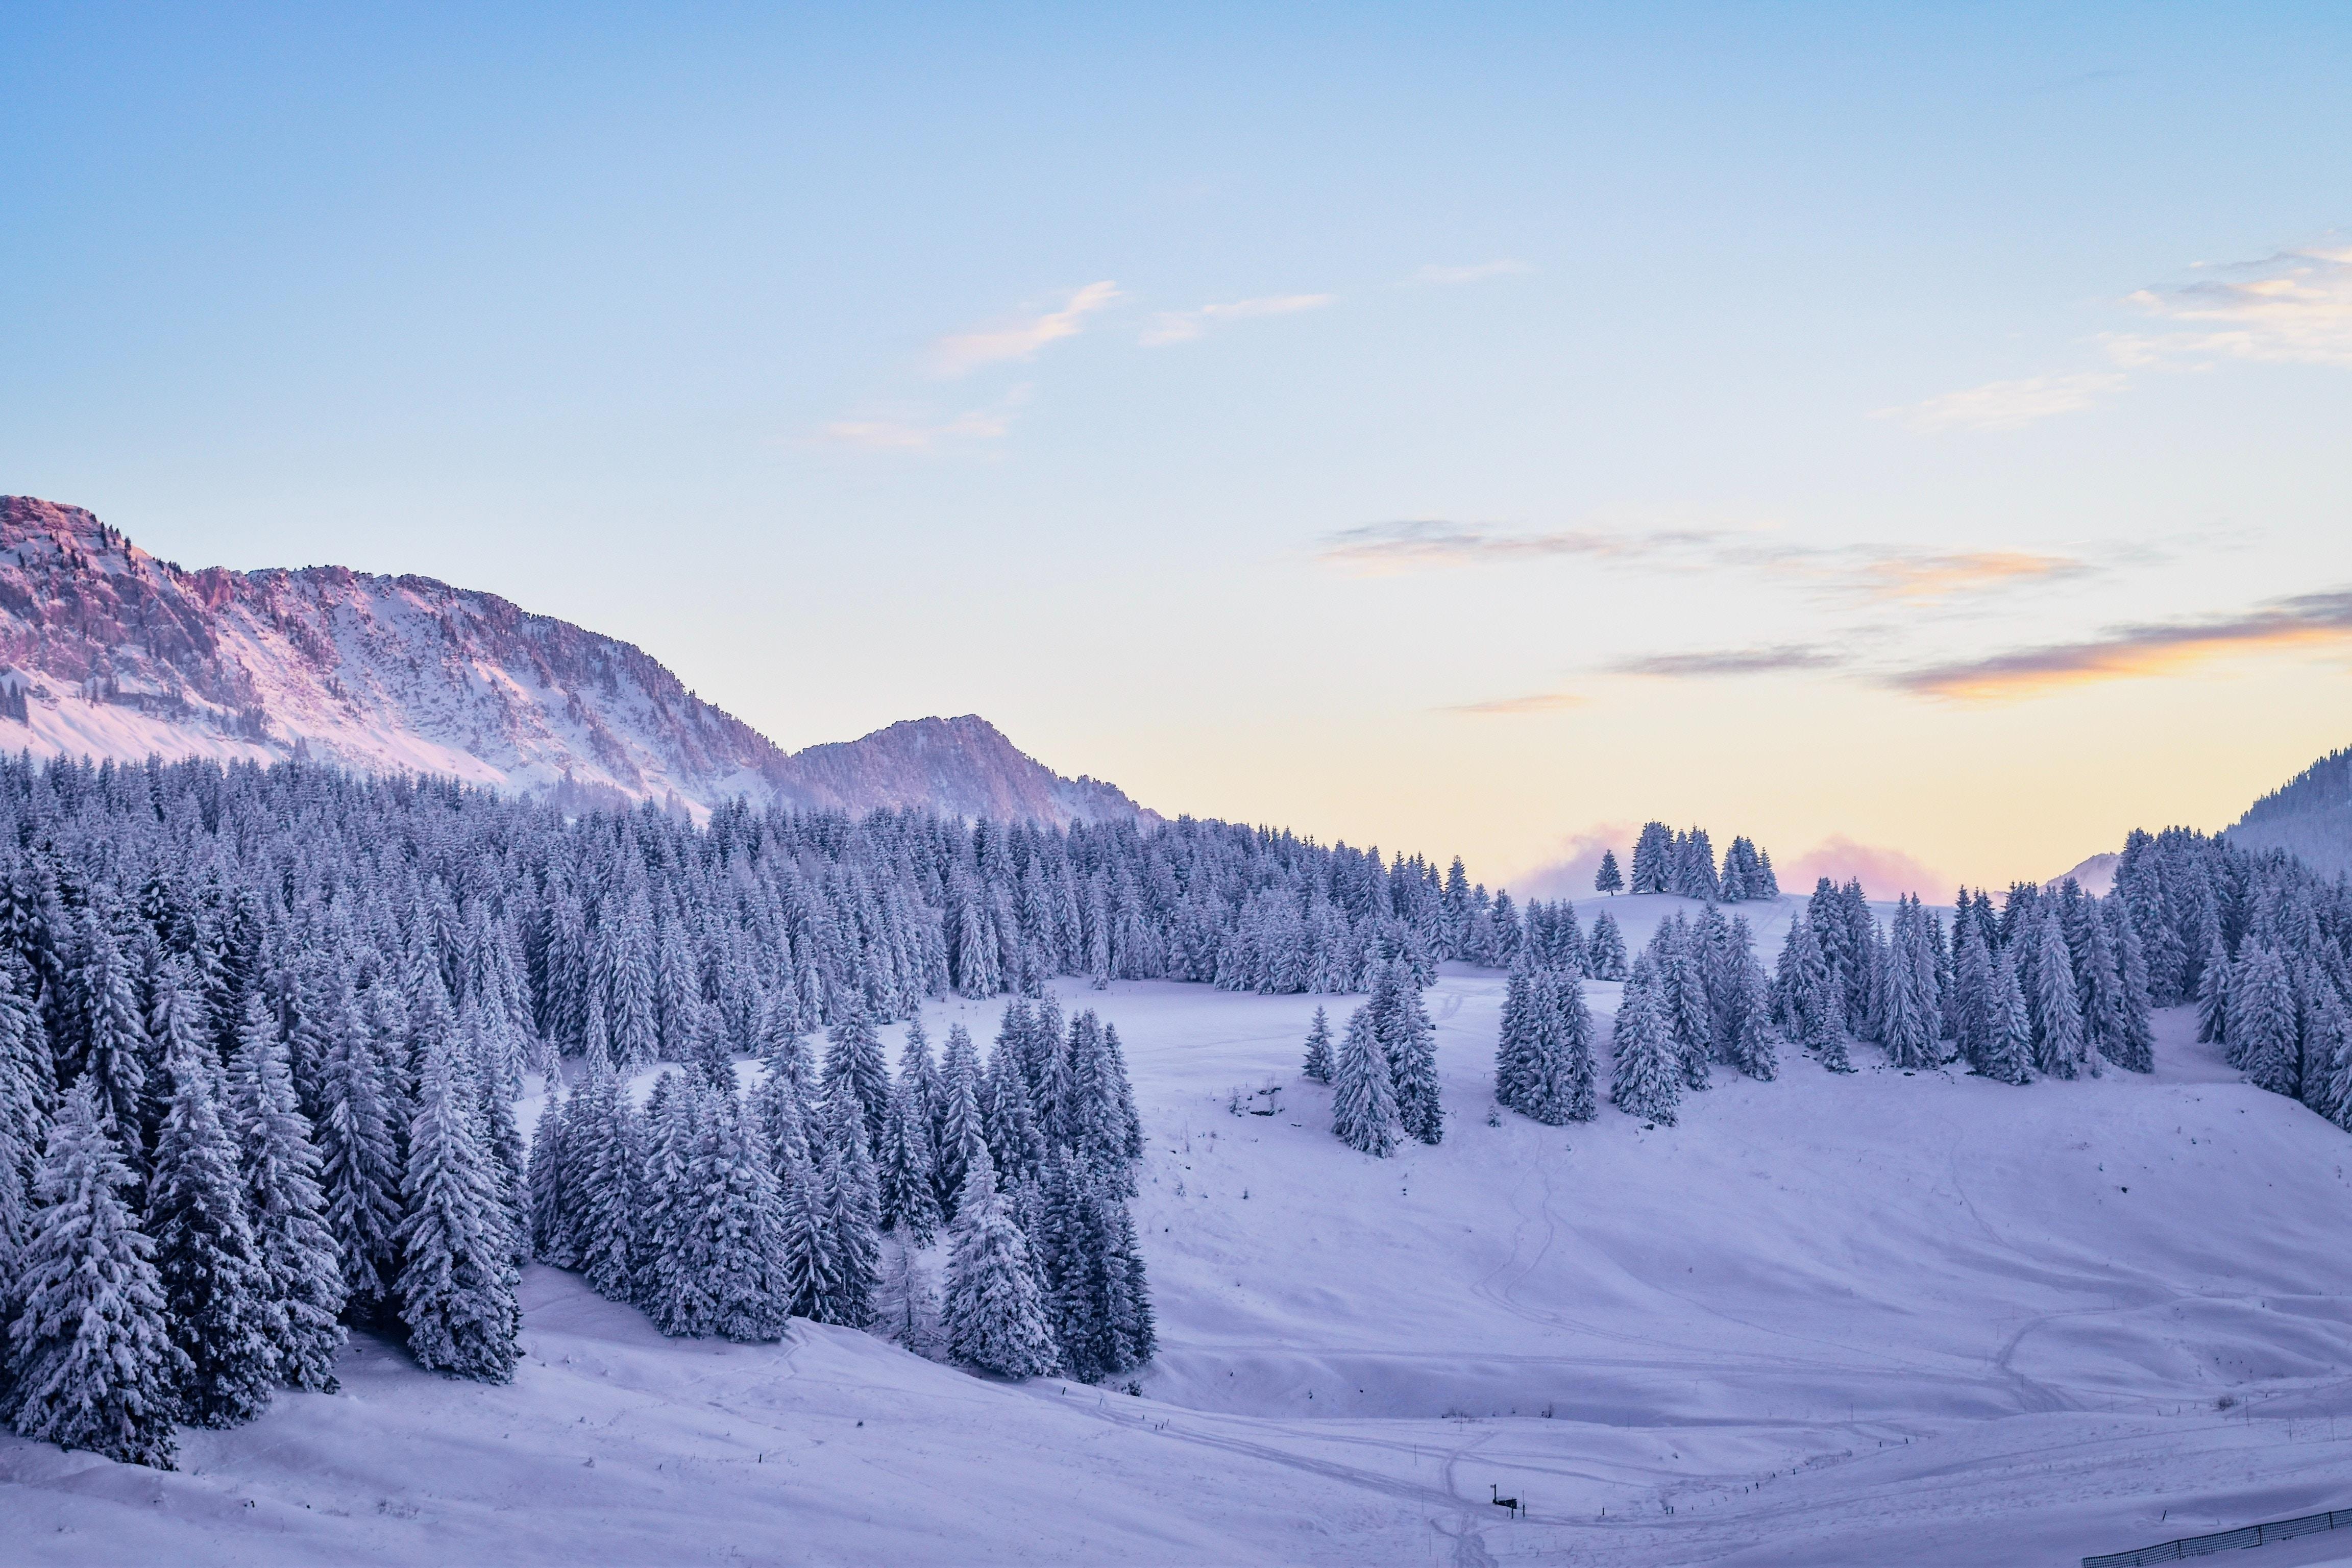 112257 скачать обои Природа, Зима, Снег, Заснеженный, Елки - заставки и картинки бесплатно